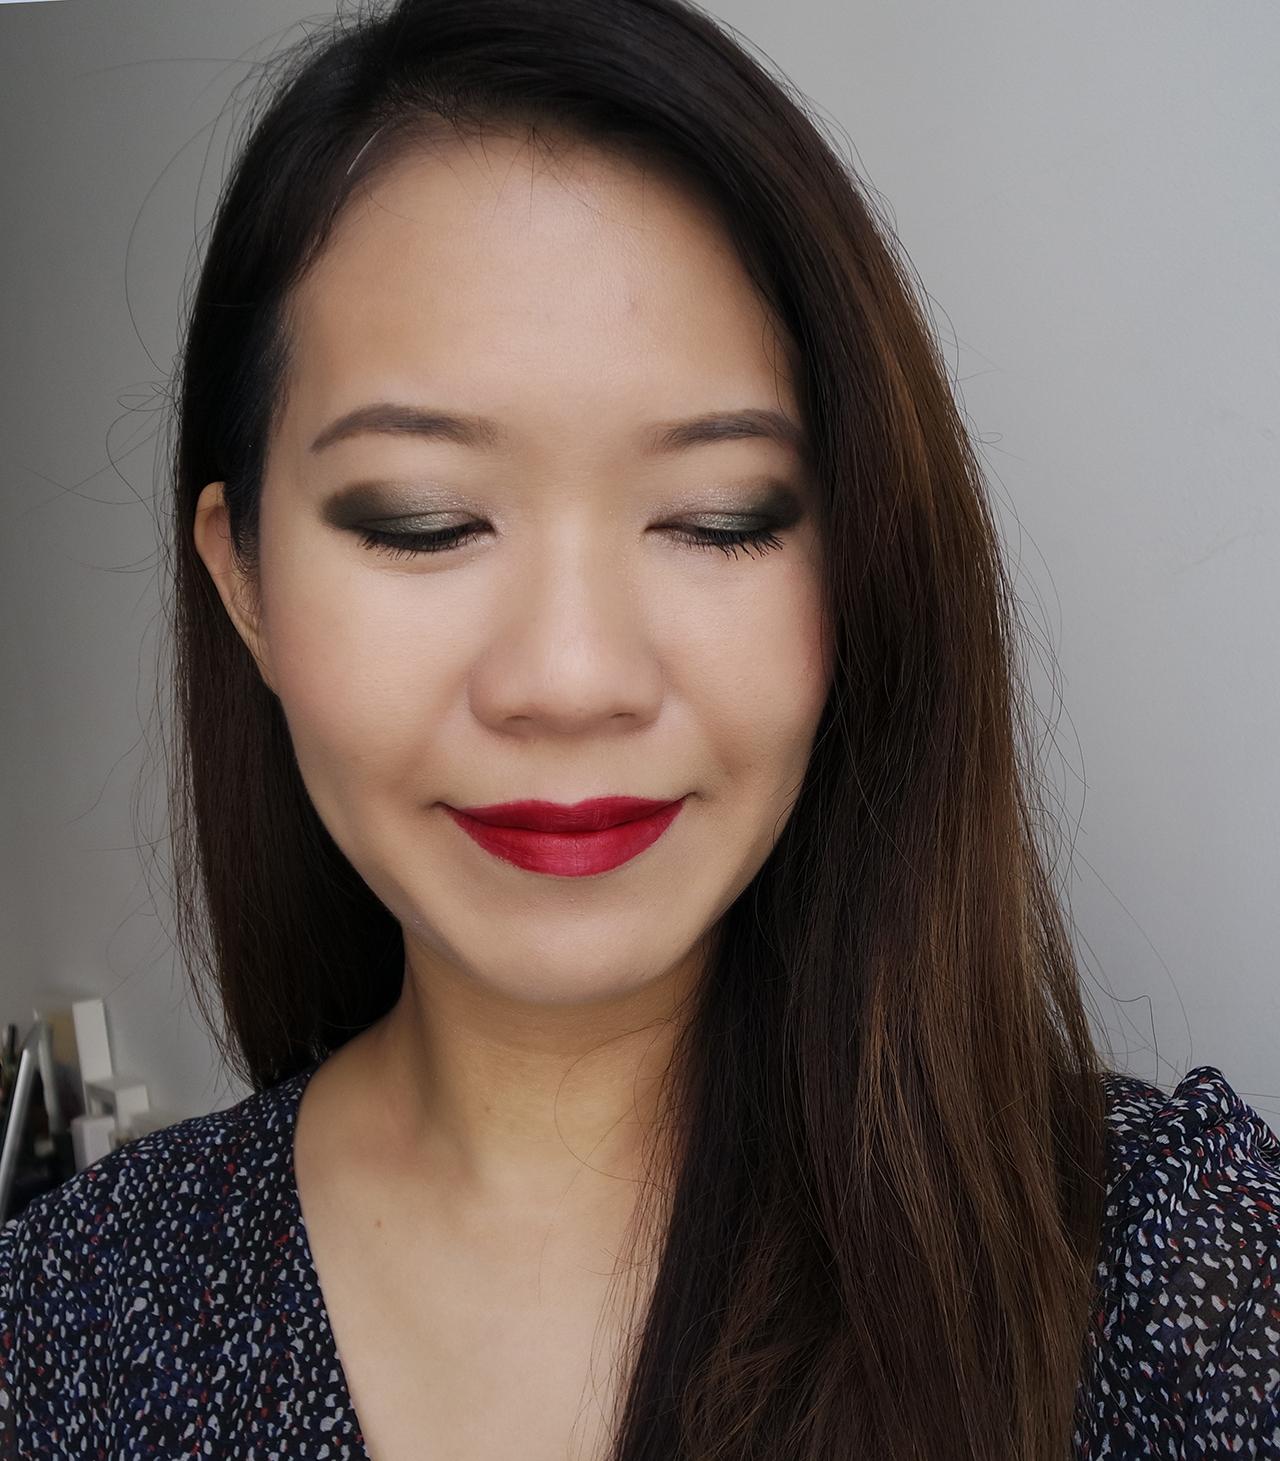 Chanel Collection Libre 2017 makeup look ft Trait de Caractere, Numeros Rouges 2, Joues Contraste So Close